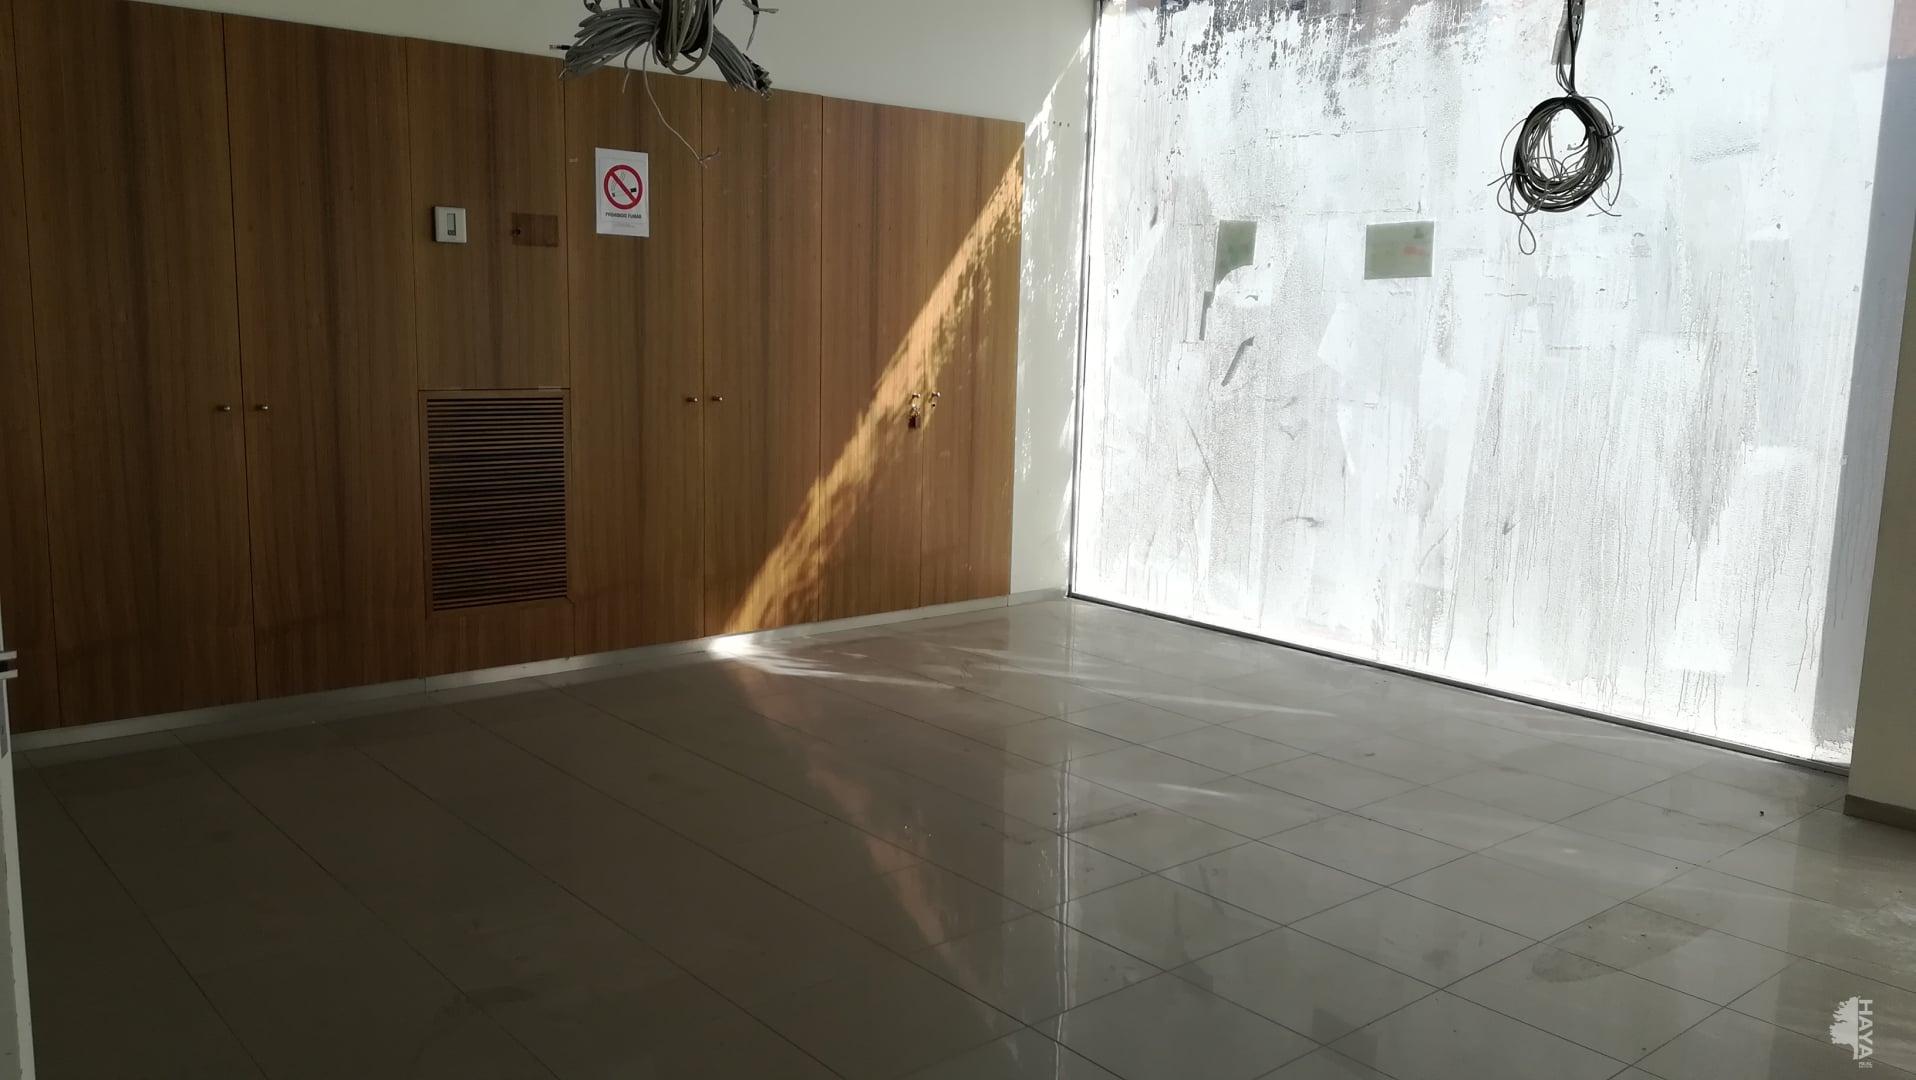 Local en venta en Albudeite, Murcia, Calle Principe de Asturias, 103.884 €, 150 m2